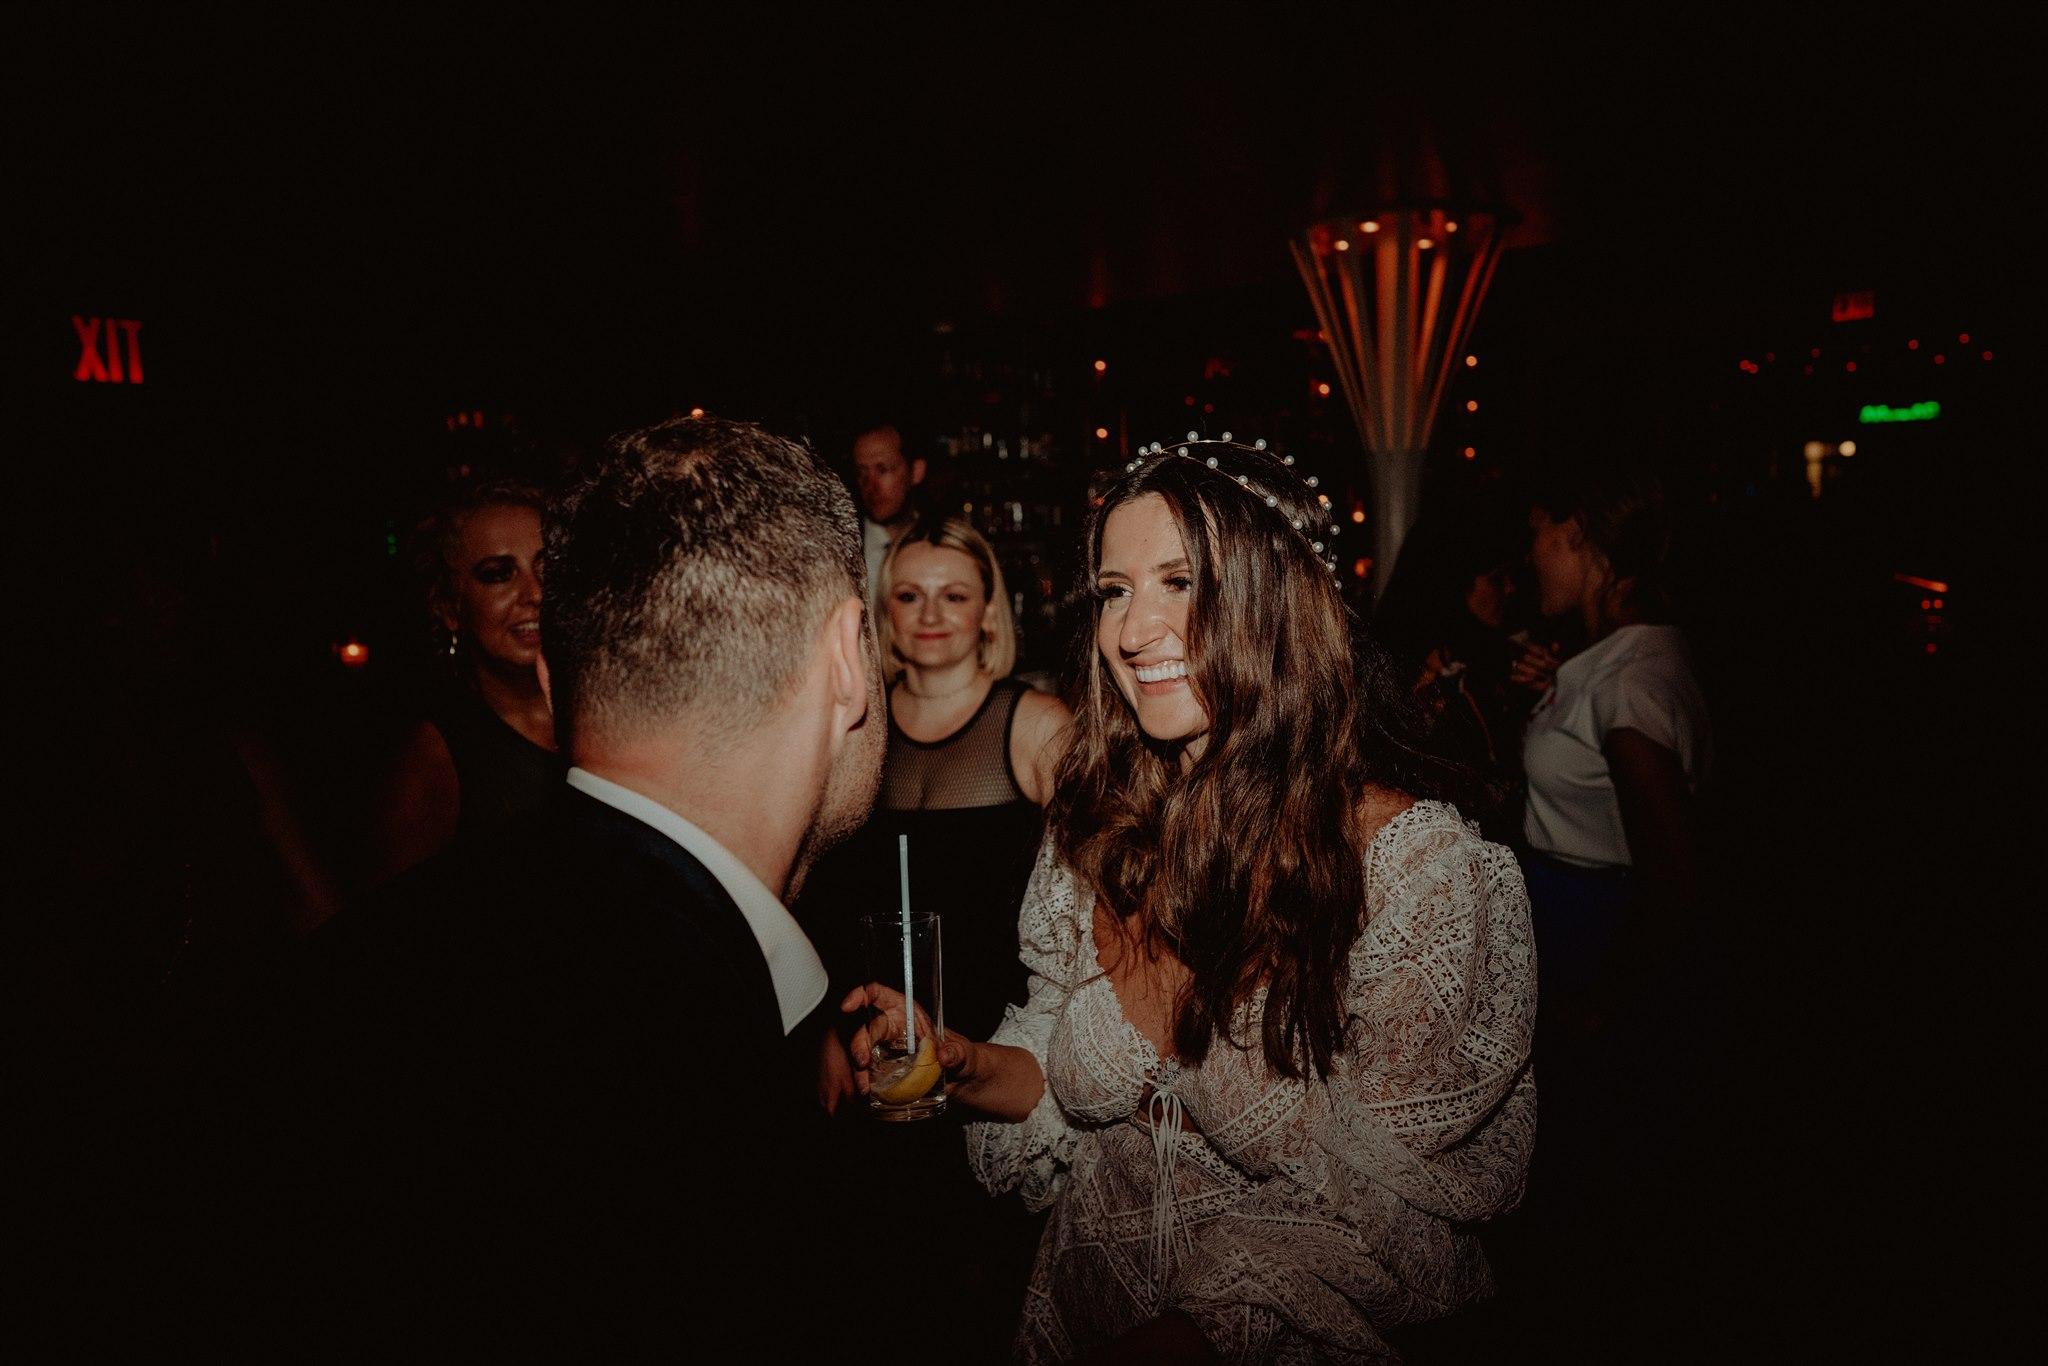 Chellise_Michael_Photography_Ramona_Brooklyn_Wedding_Photographer-899.jpg